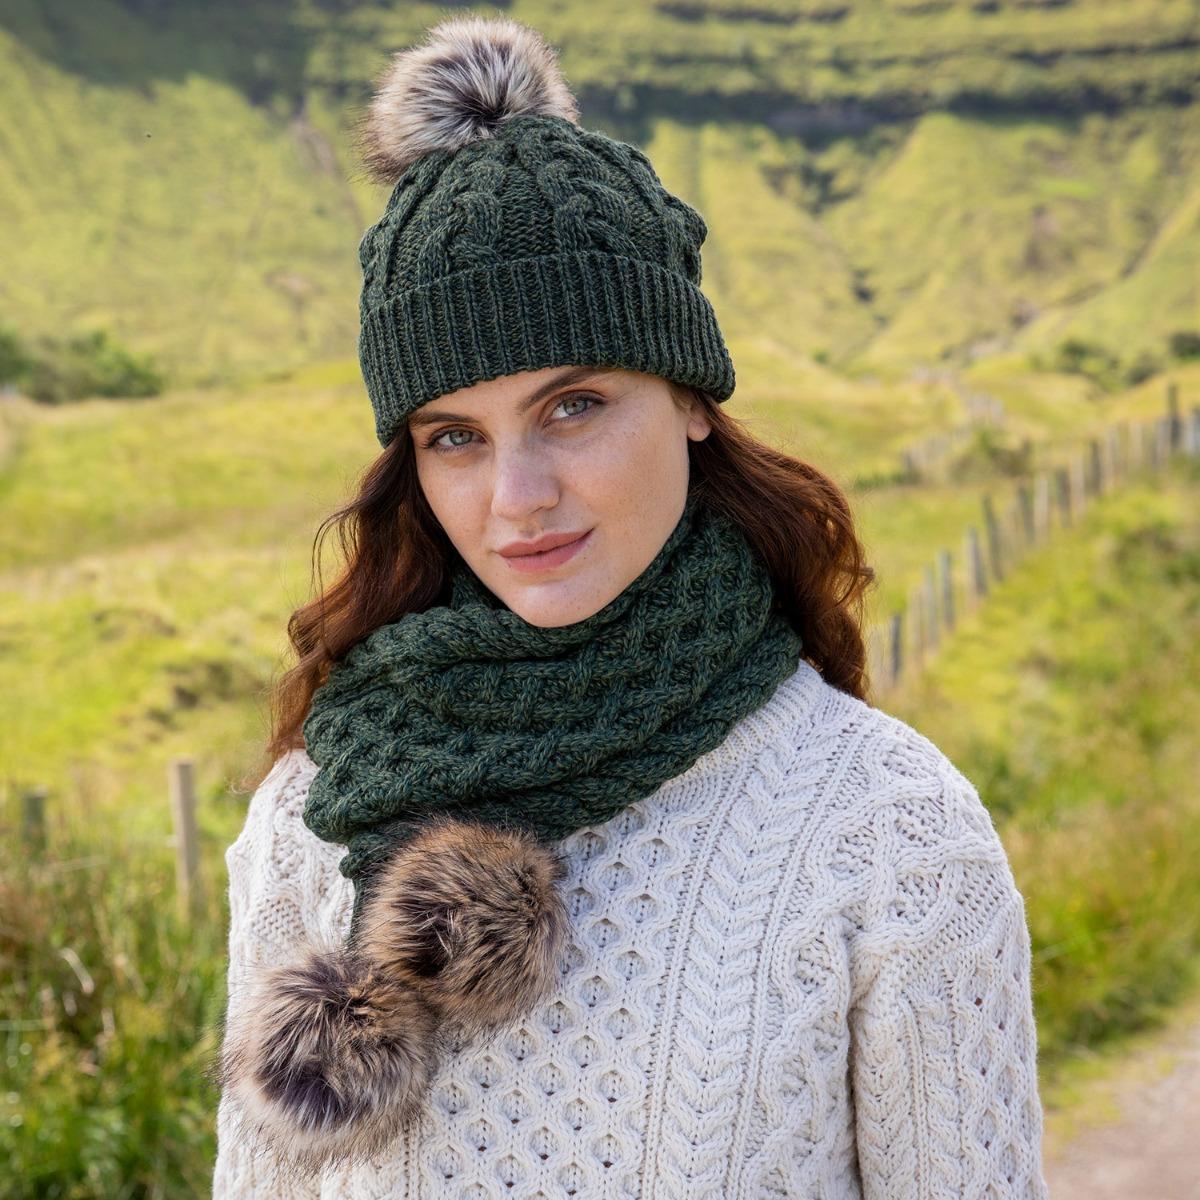 Hat & Scarf set Aran knitwear gifts